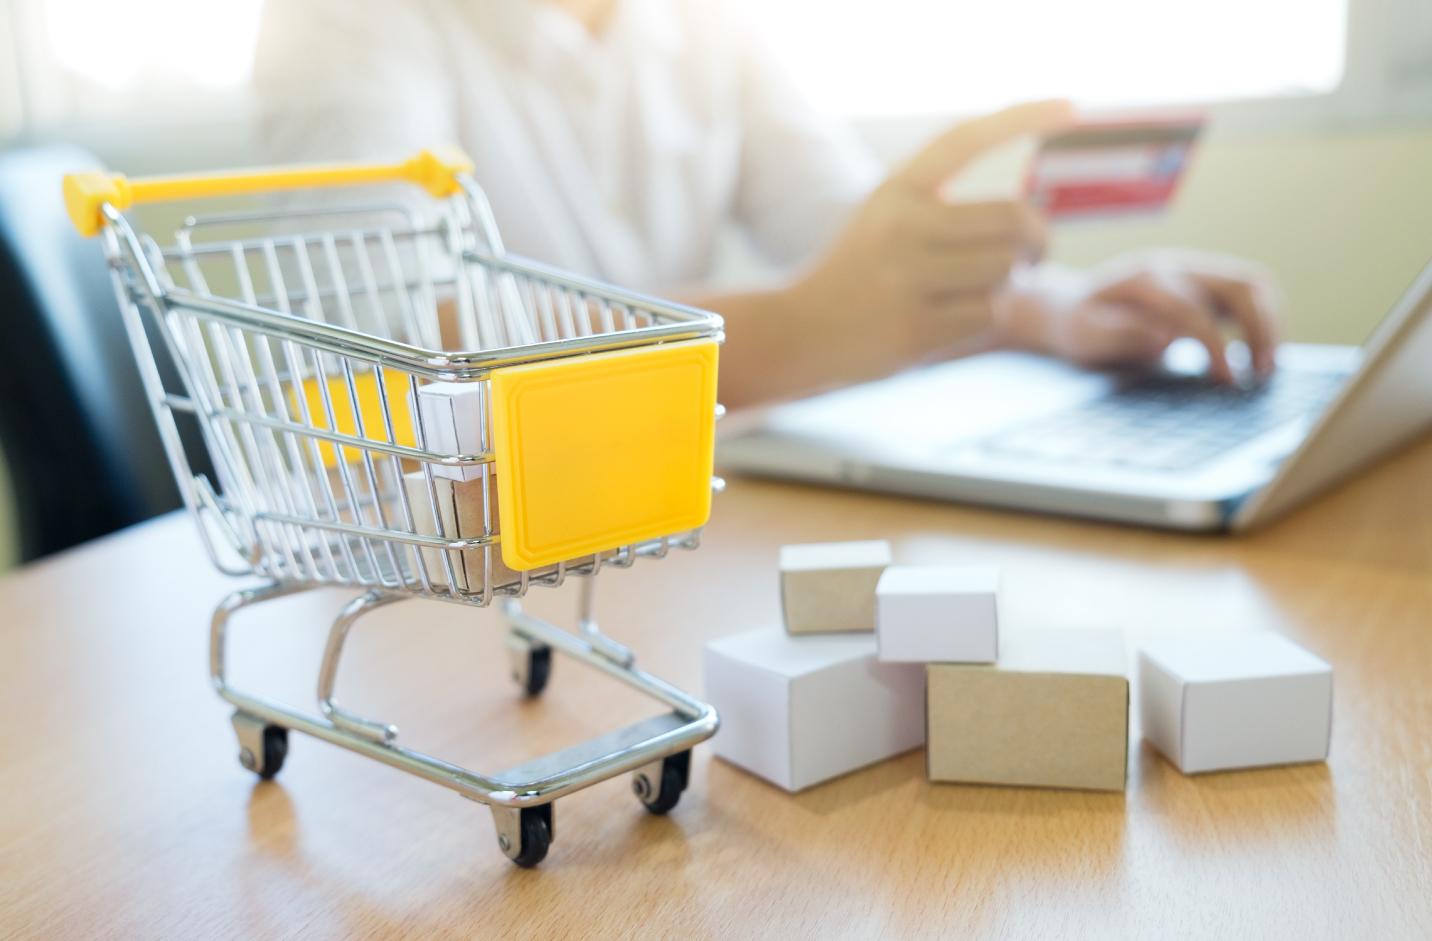 Pagar tus compras en linea